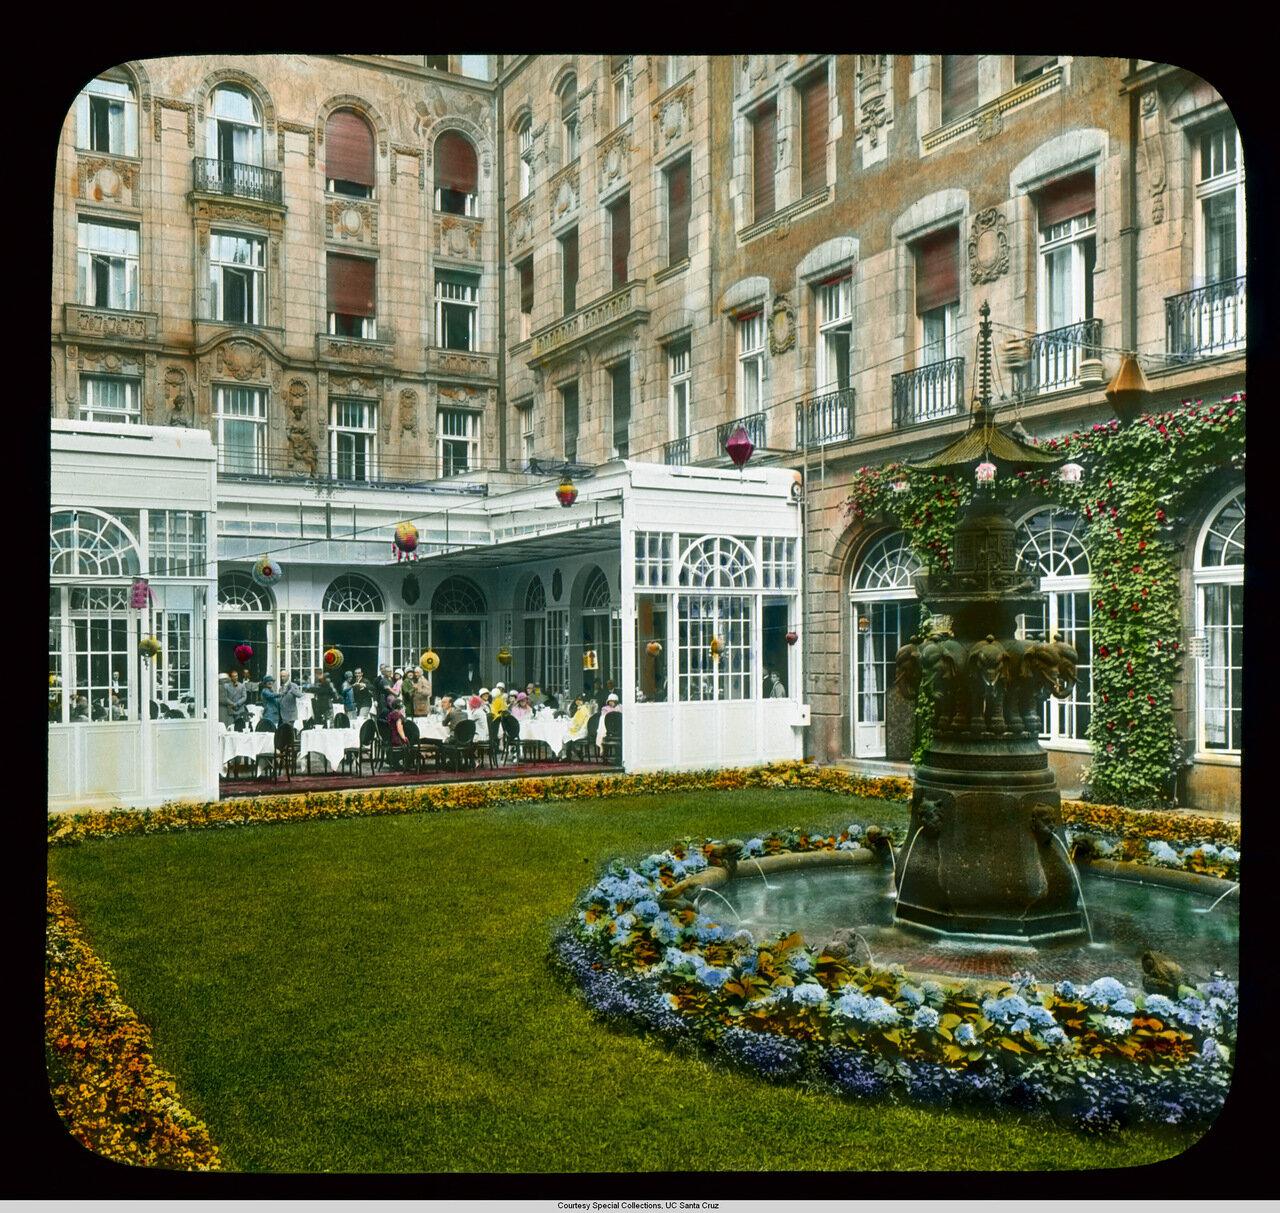 Берлин. Отель Адлон (разрушен в 1945) и Унтер-ден-Линден